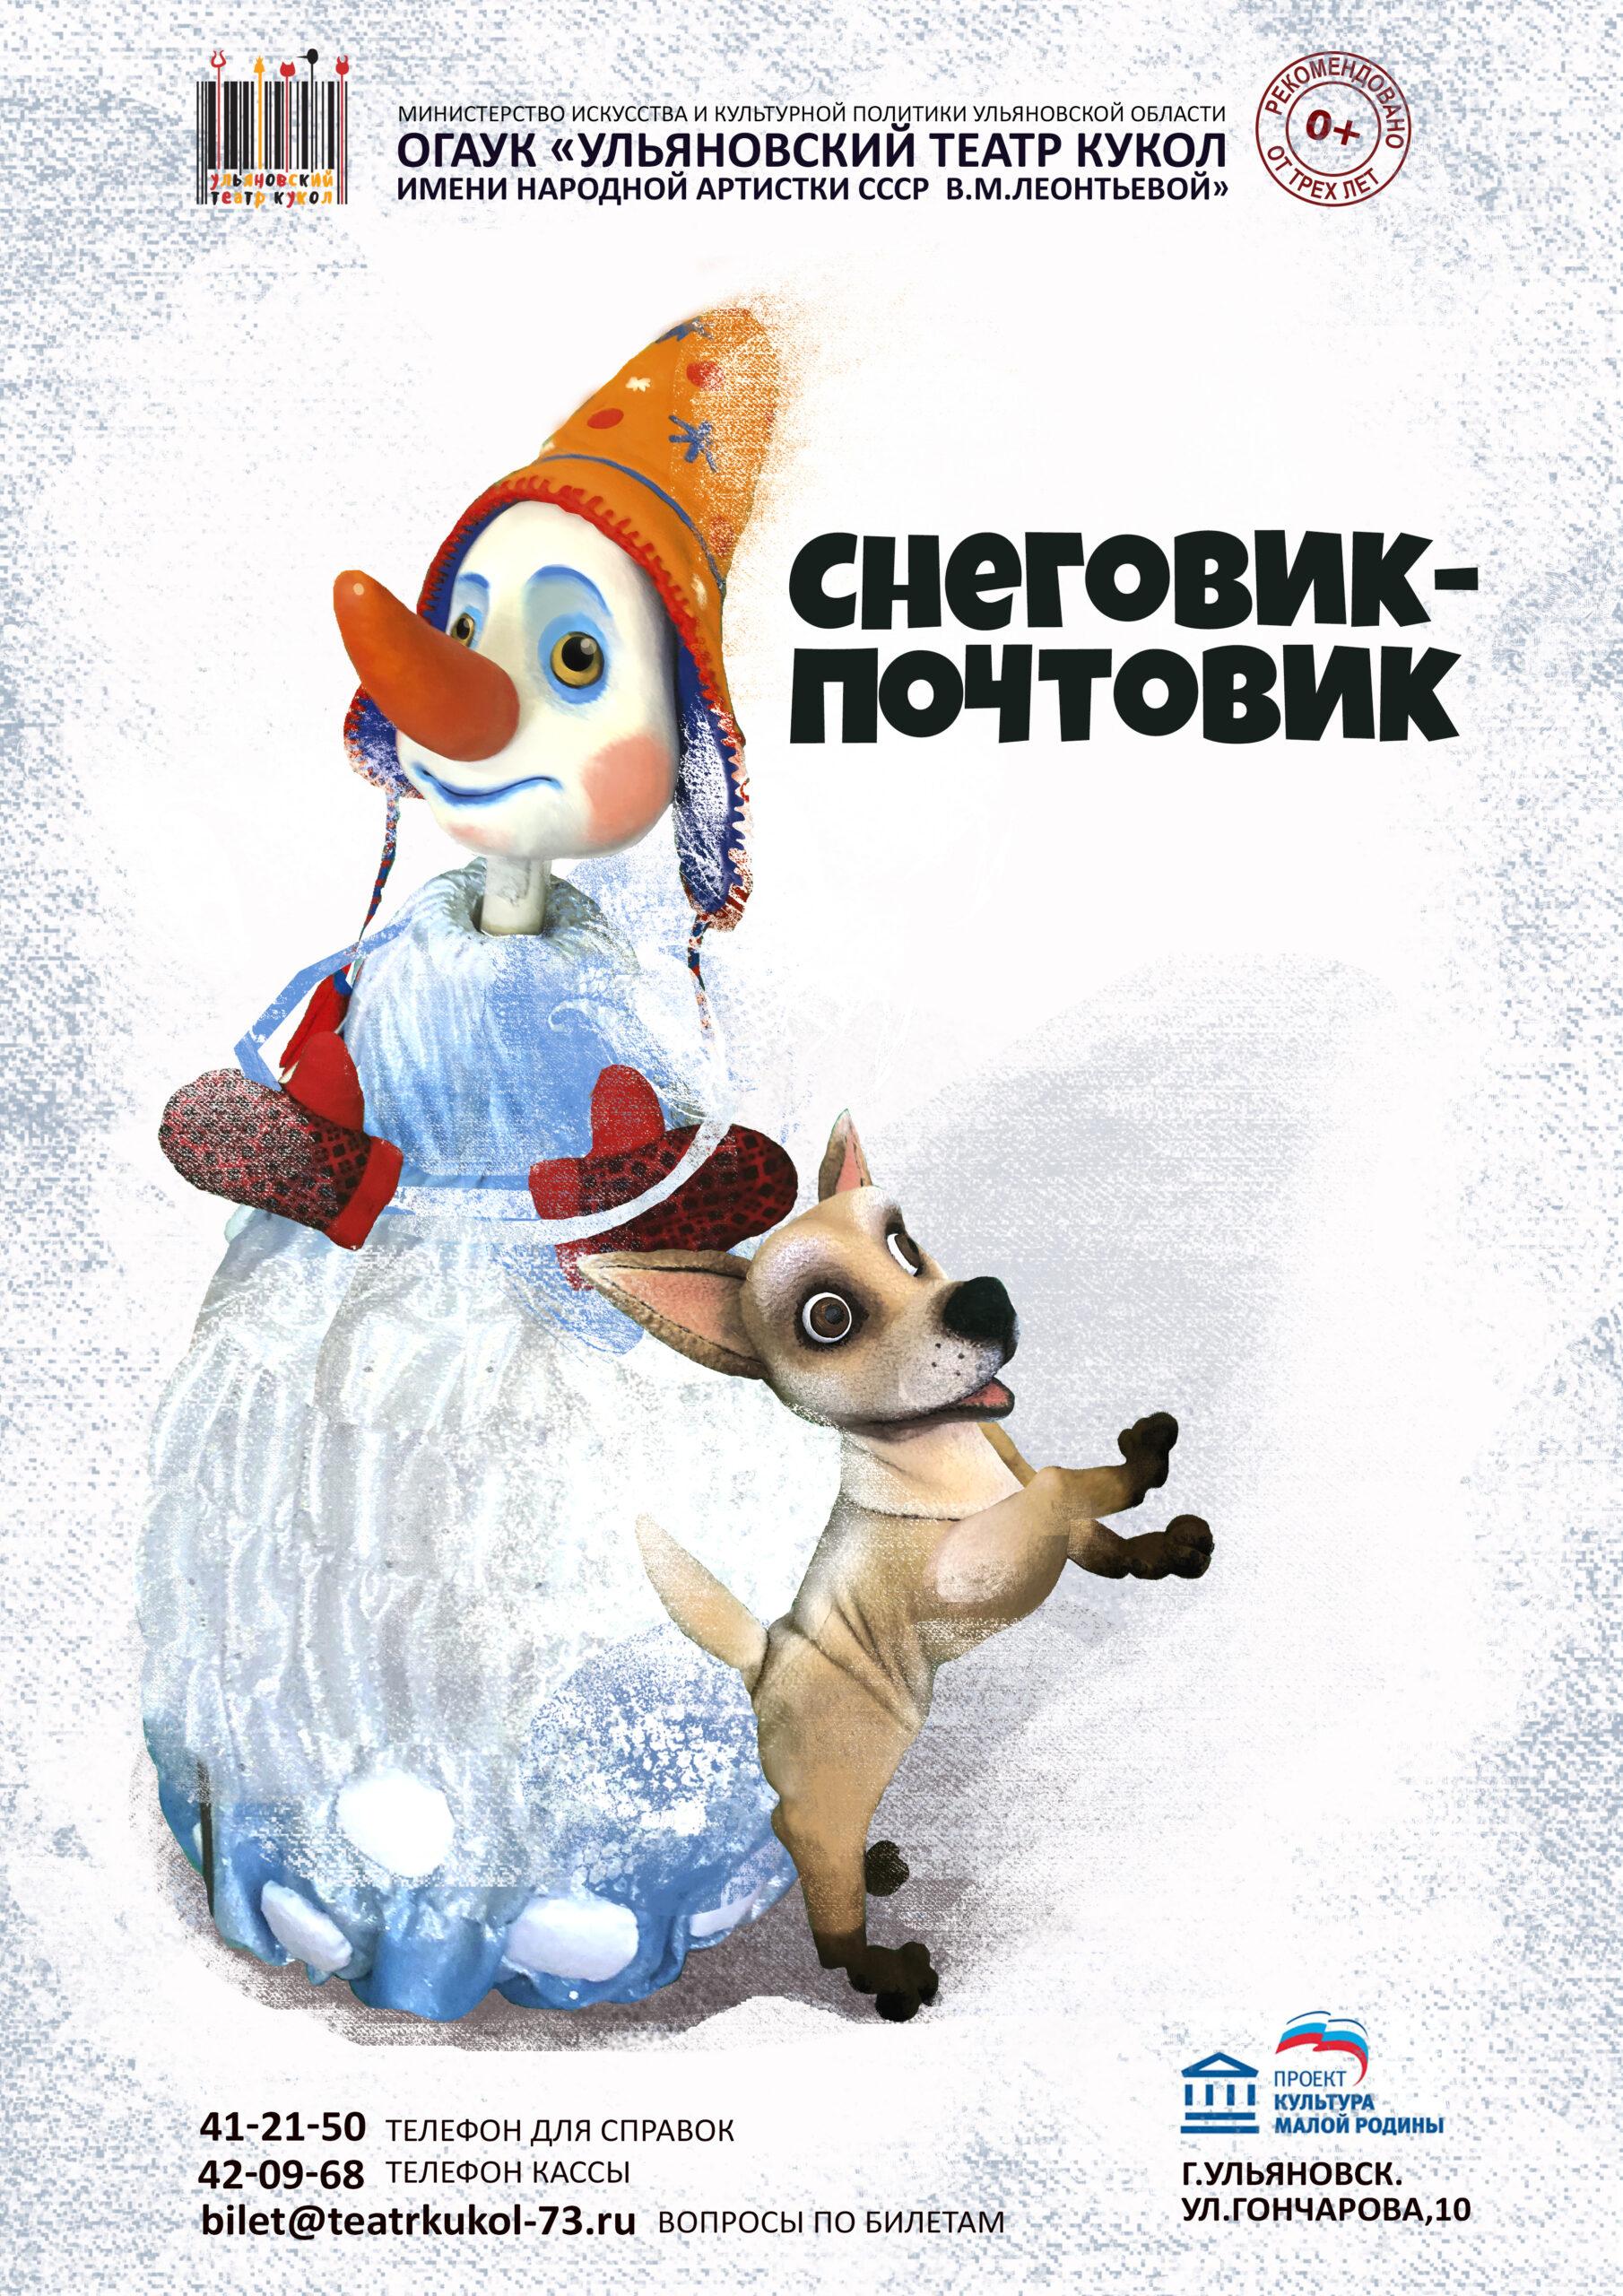 """Спектакль""""Снеговик-почтовик"""" @ Театр кукол (ул. Гончарова, 10)"""